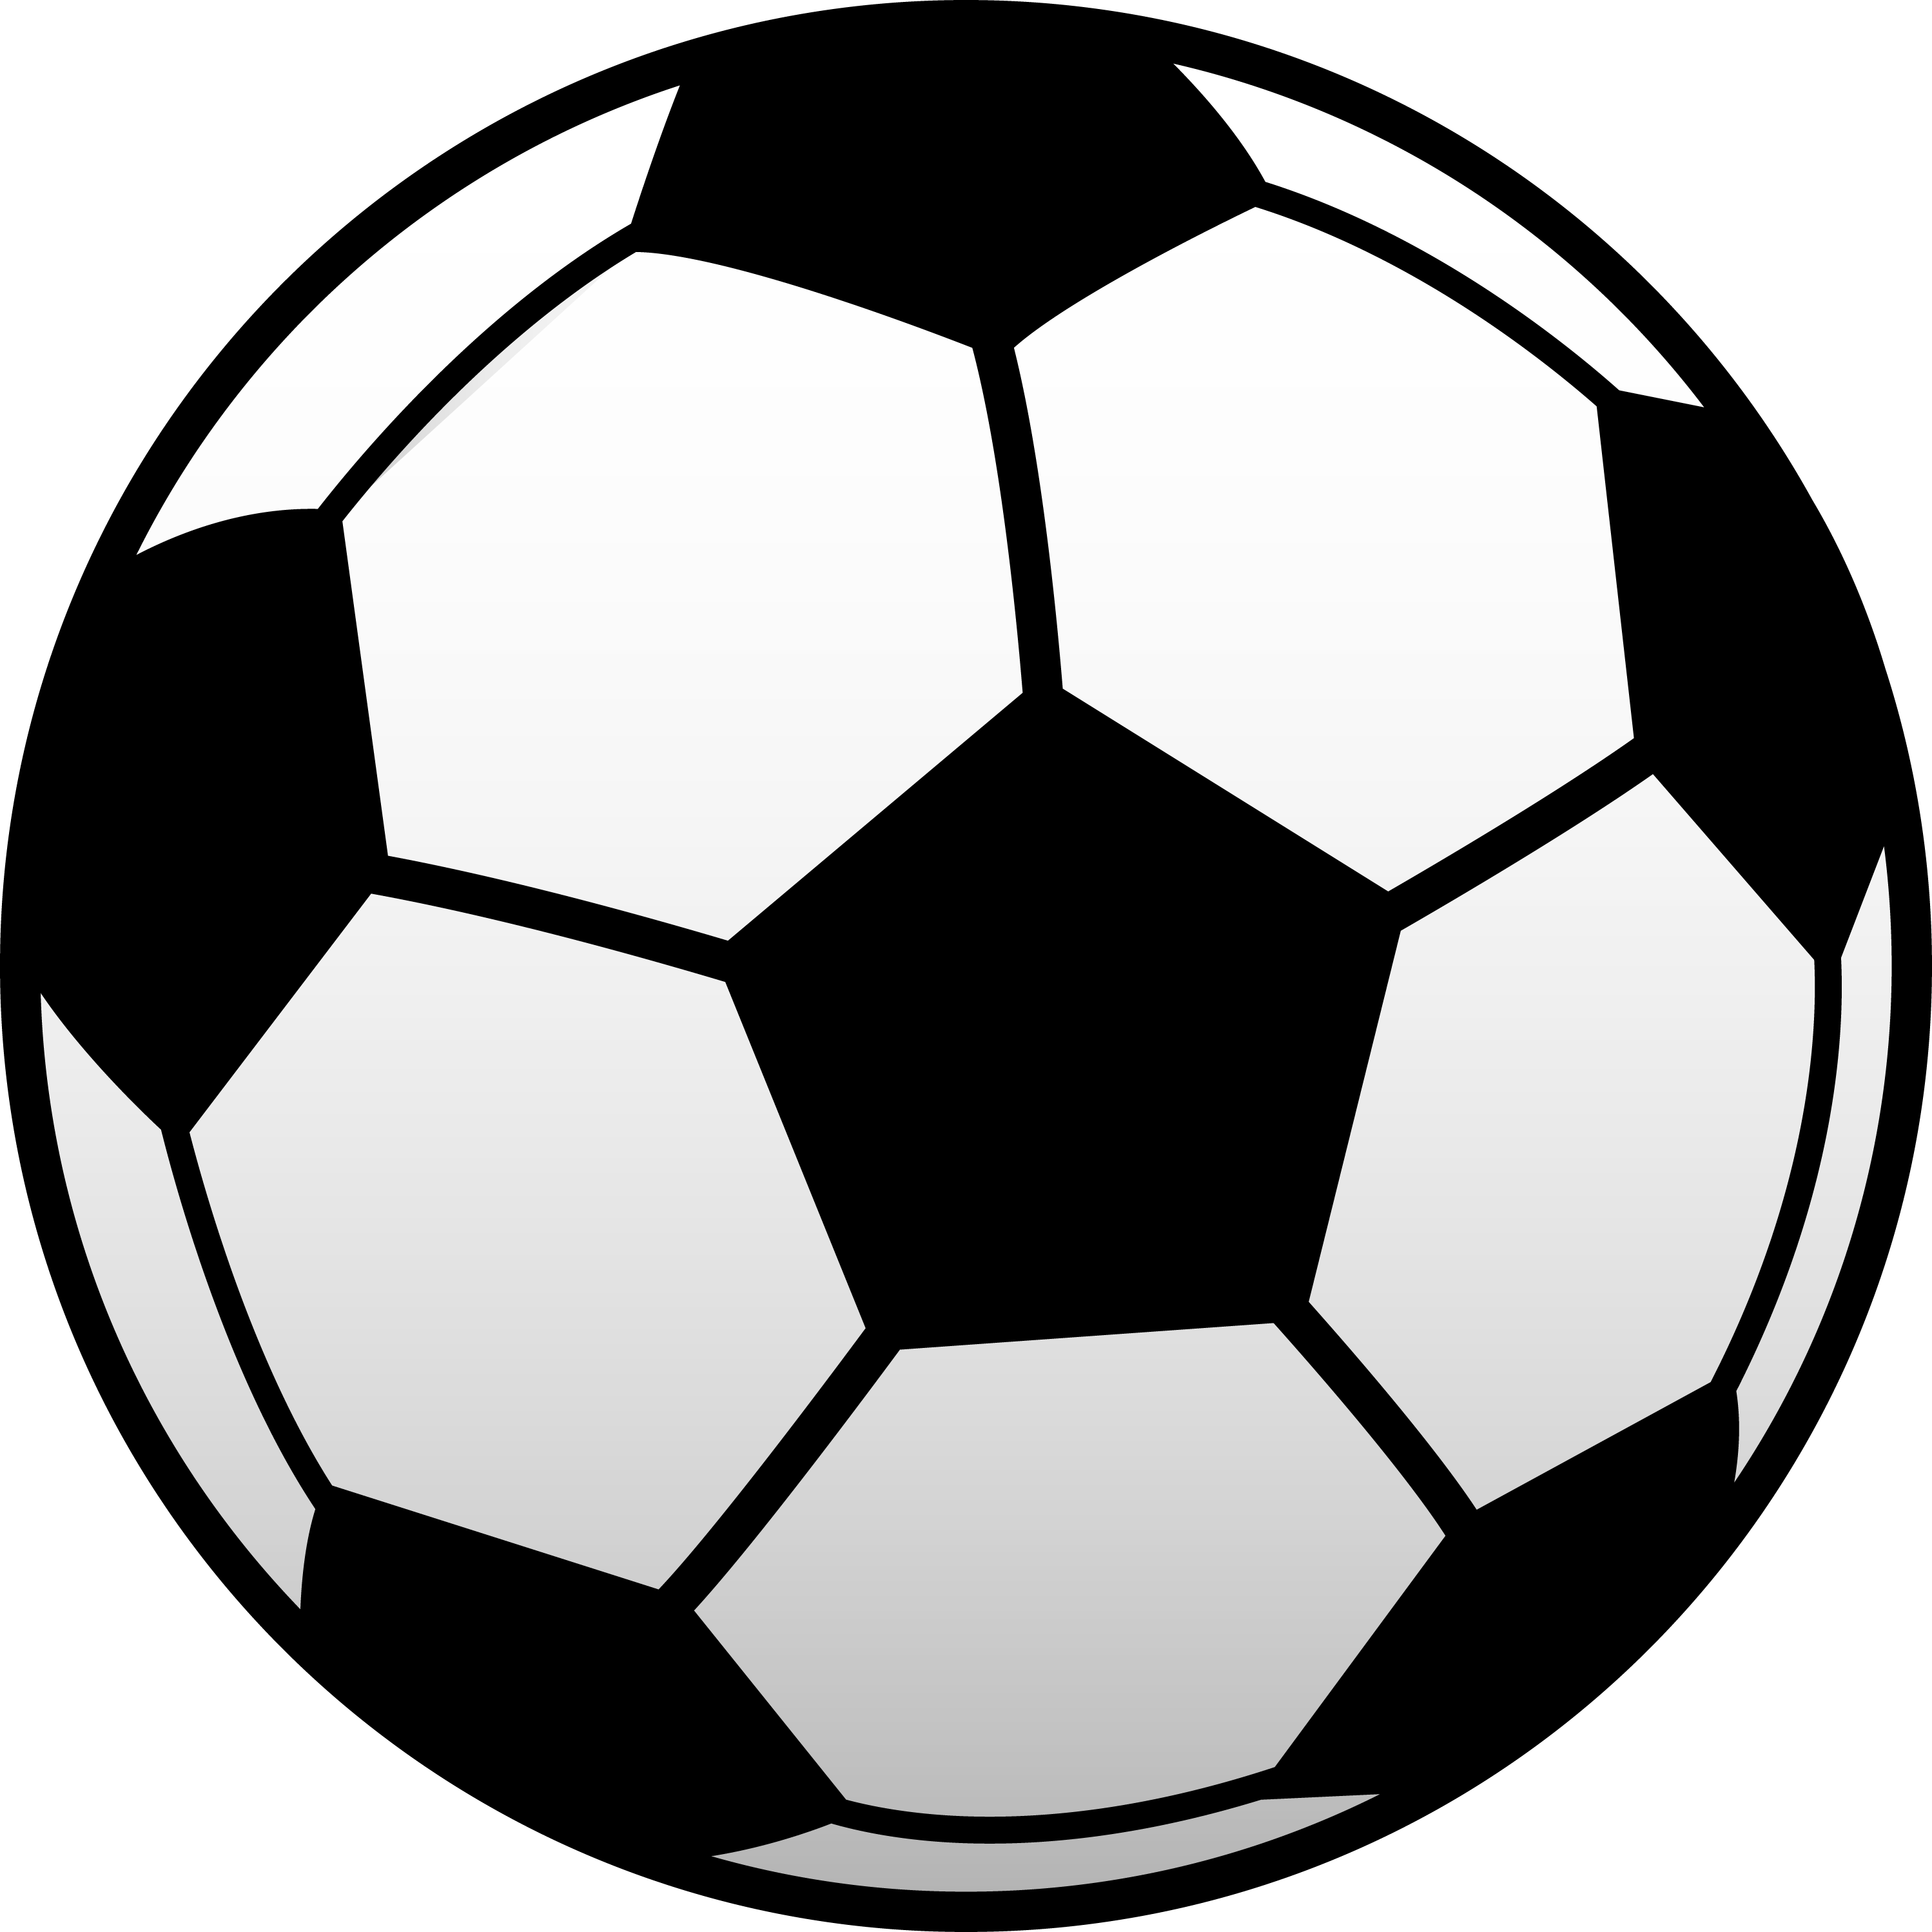 Soccer Ball Clipart-soccer ball clipart-7